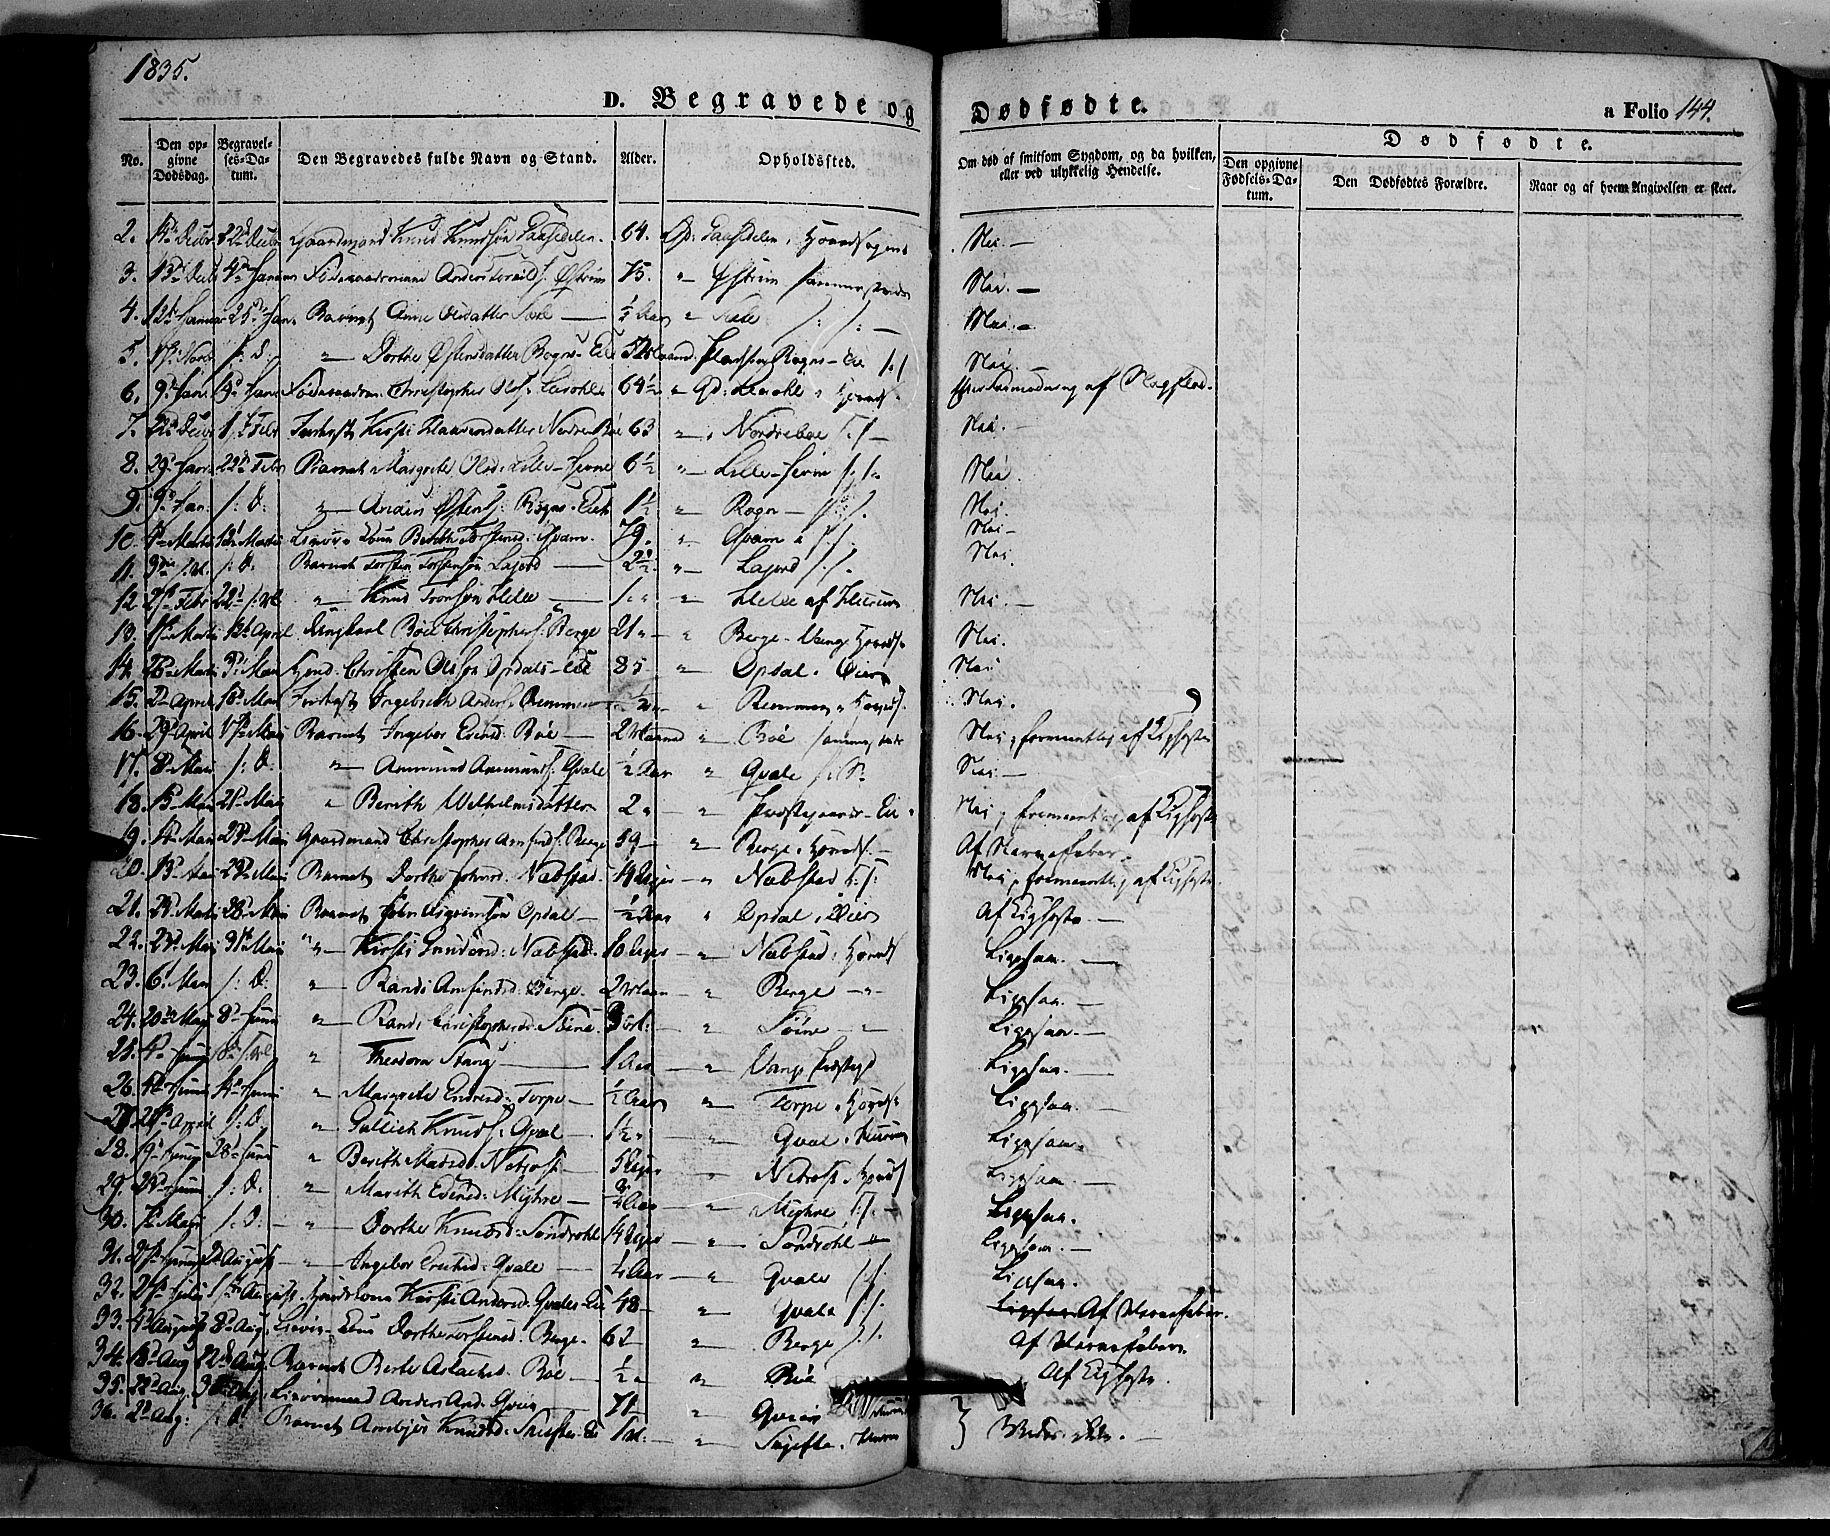 SAH, Vang prestekontor, Valdres, Ministerialbok nr. 5, 1831-1845, s. 144